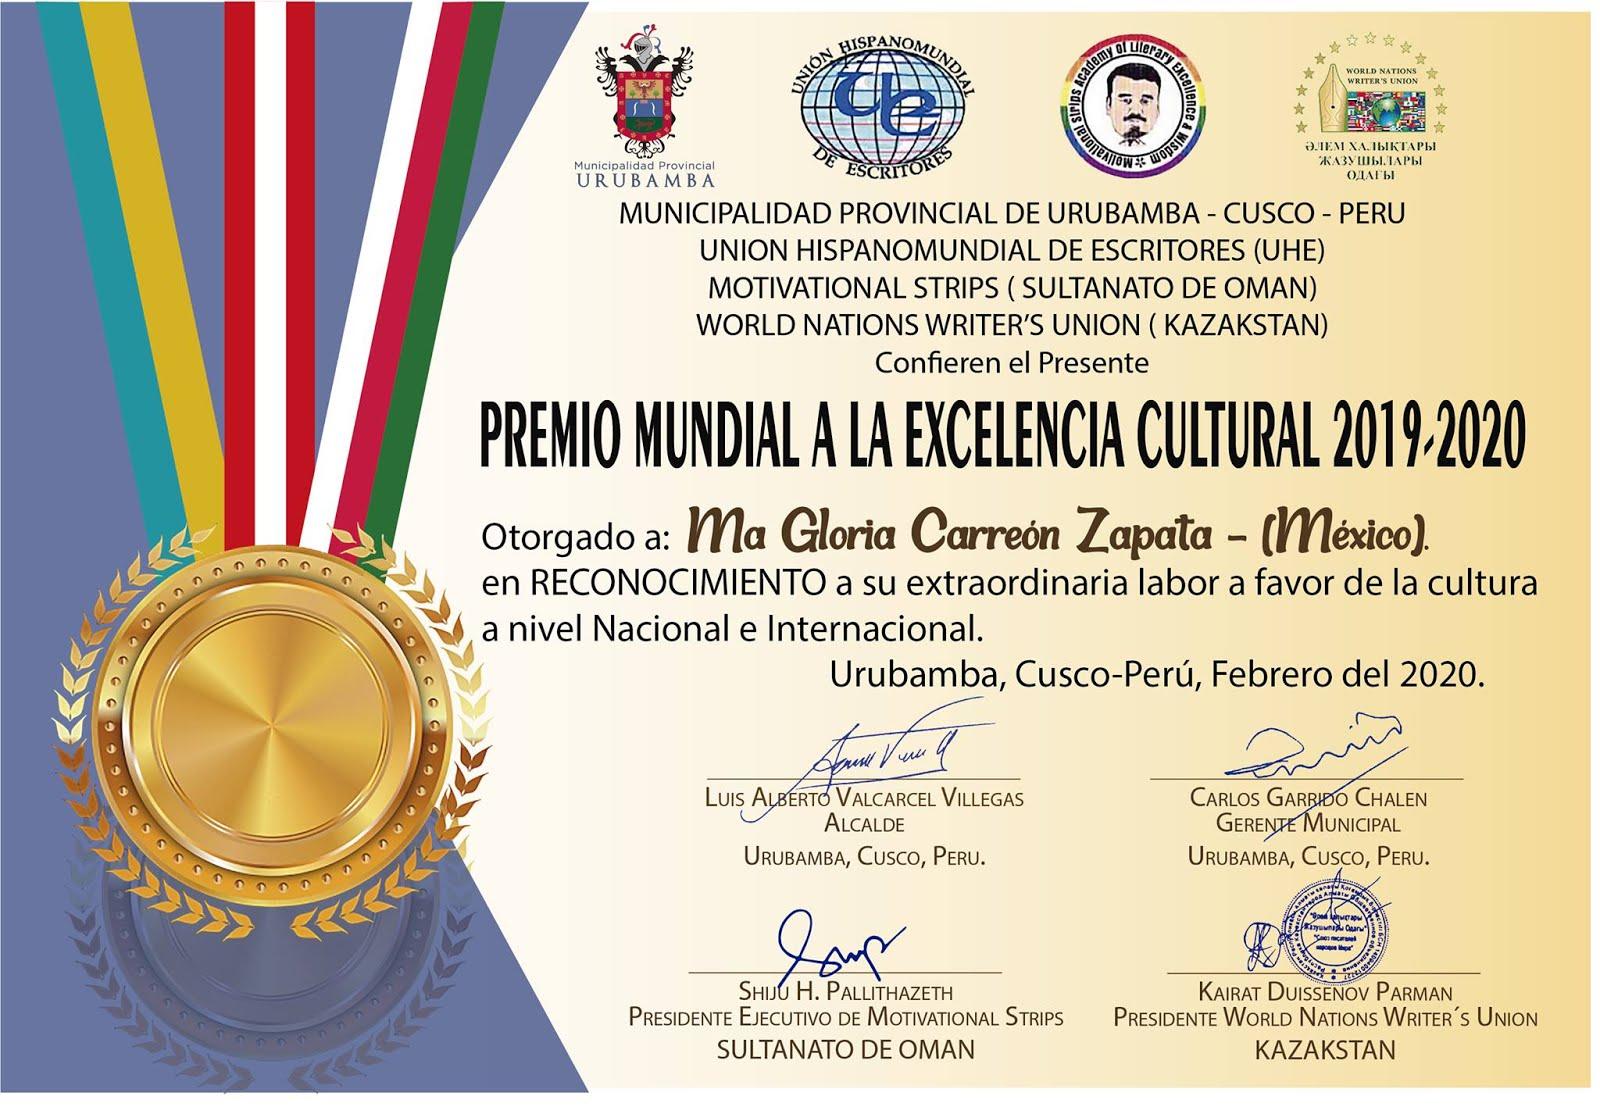 Premio Mundial a la Excelencia Cultural 2019 2020.